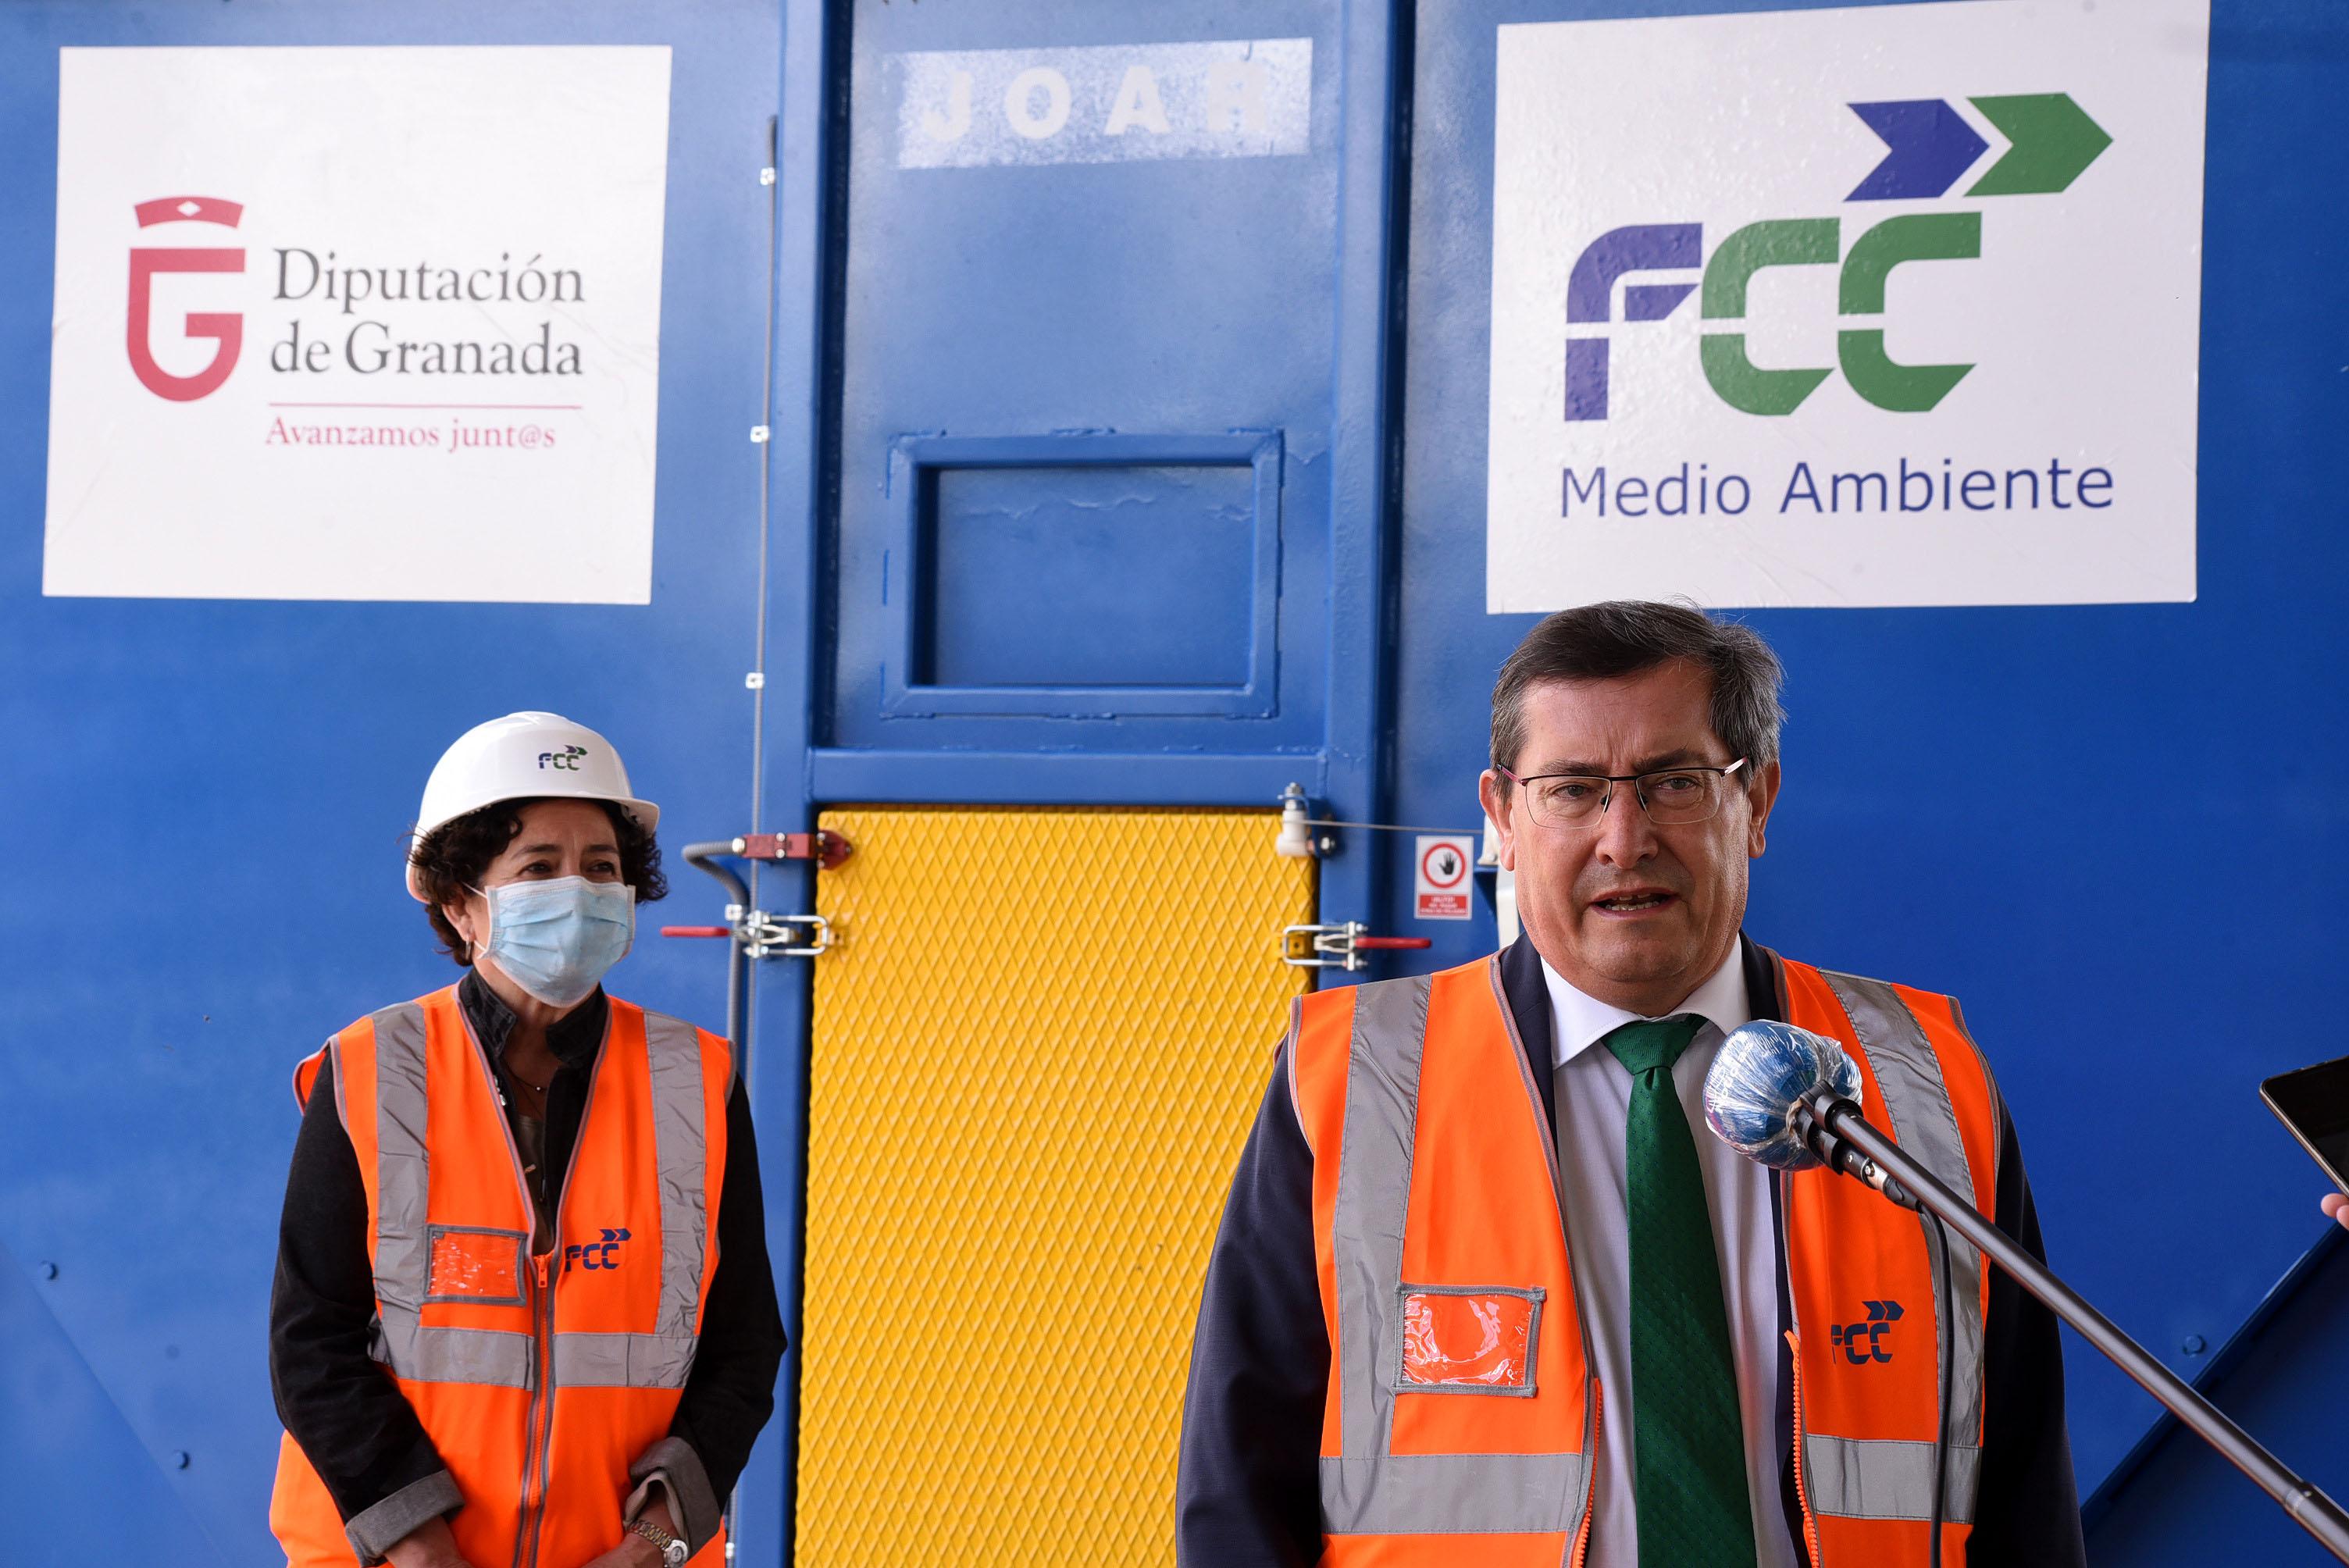 Diputación pone en marcha un sistema innovador de reciclaje de plásticos más eficiente